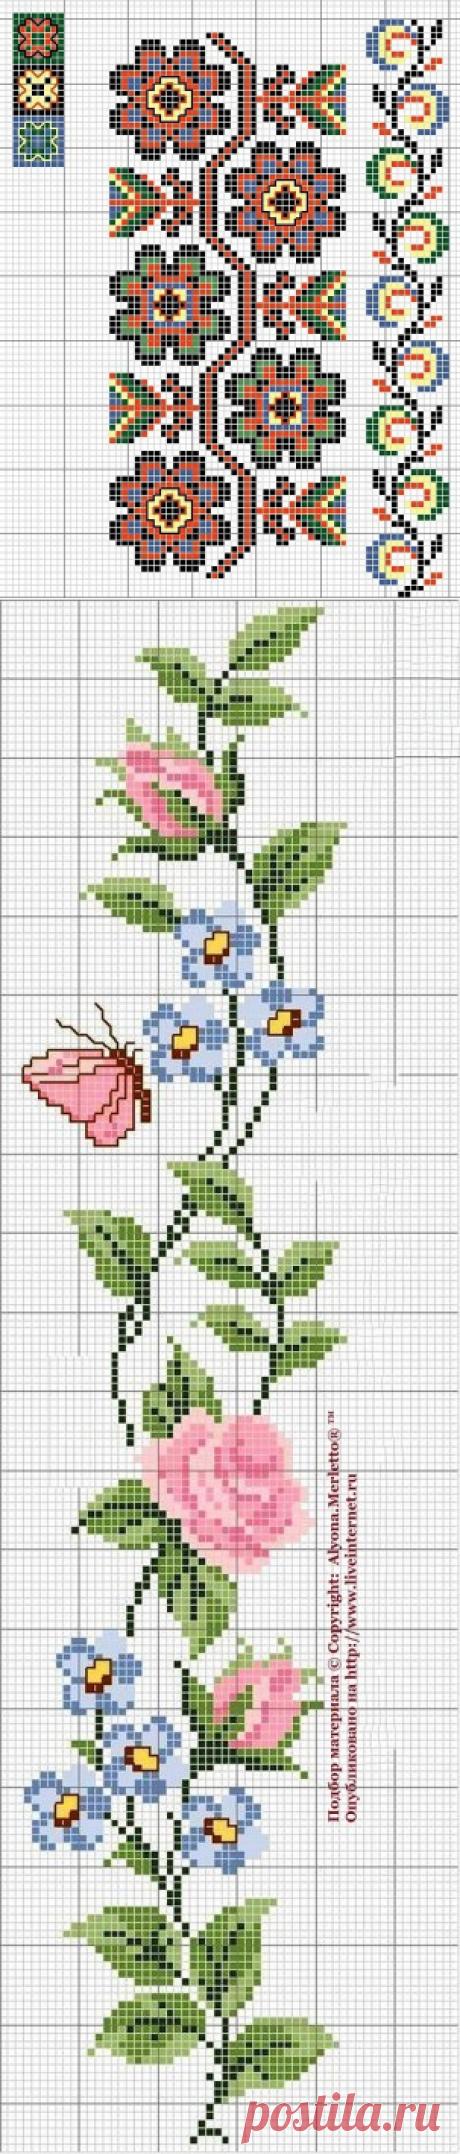 Бордюры из роз для вышивки крестом — Рукоделие